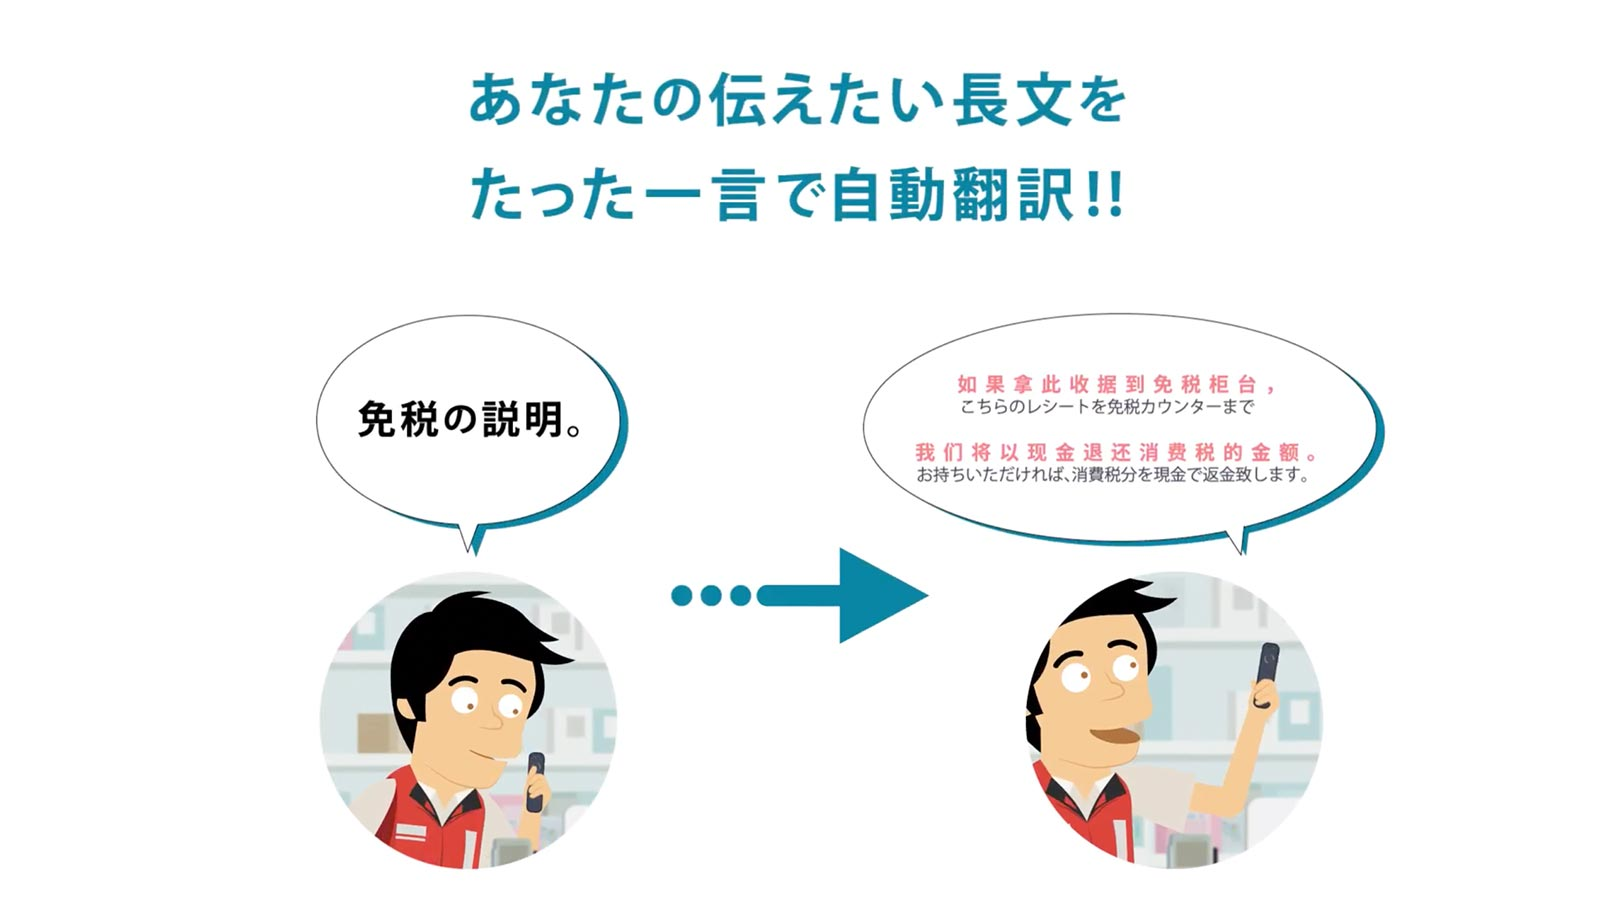 たった一言で自動翻訳